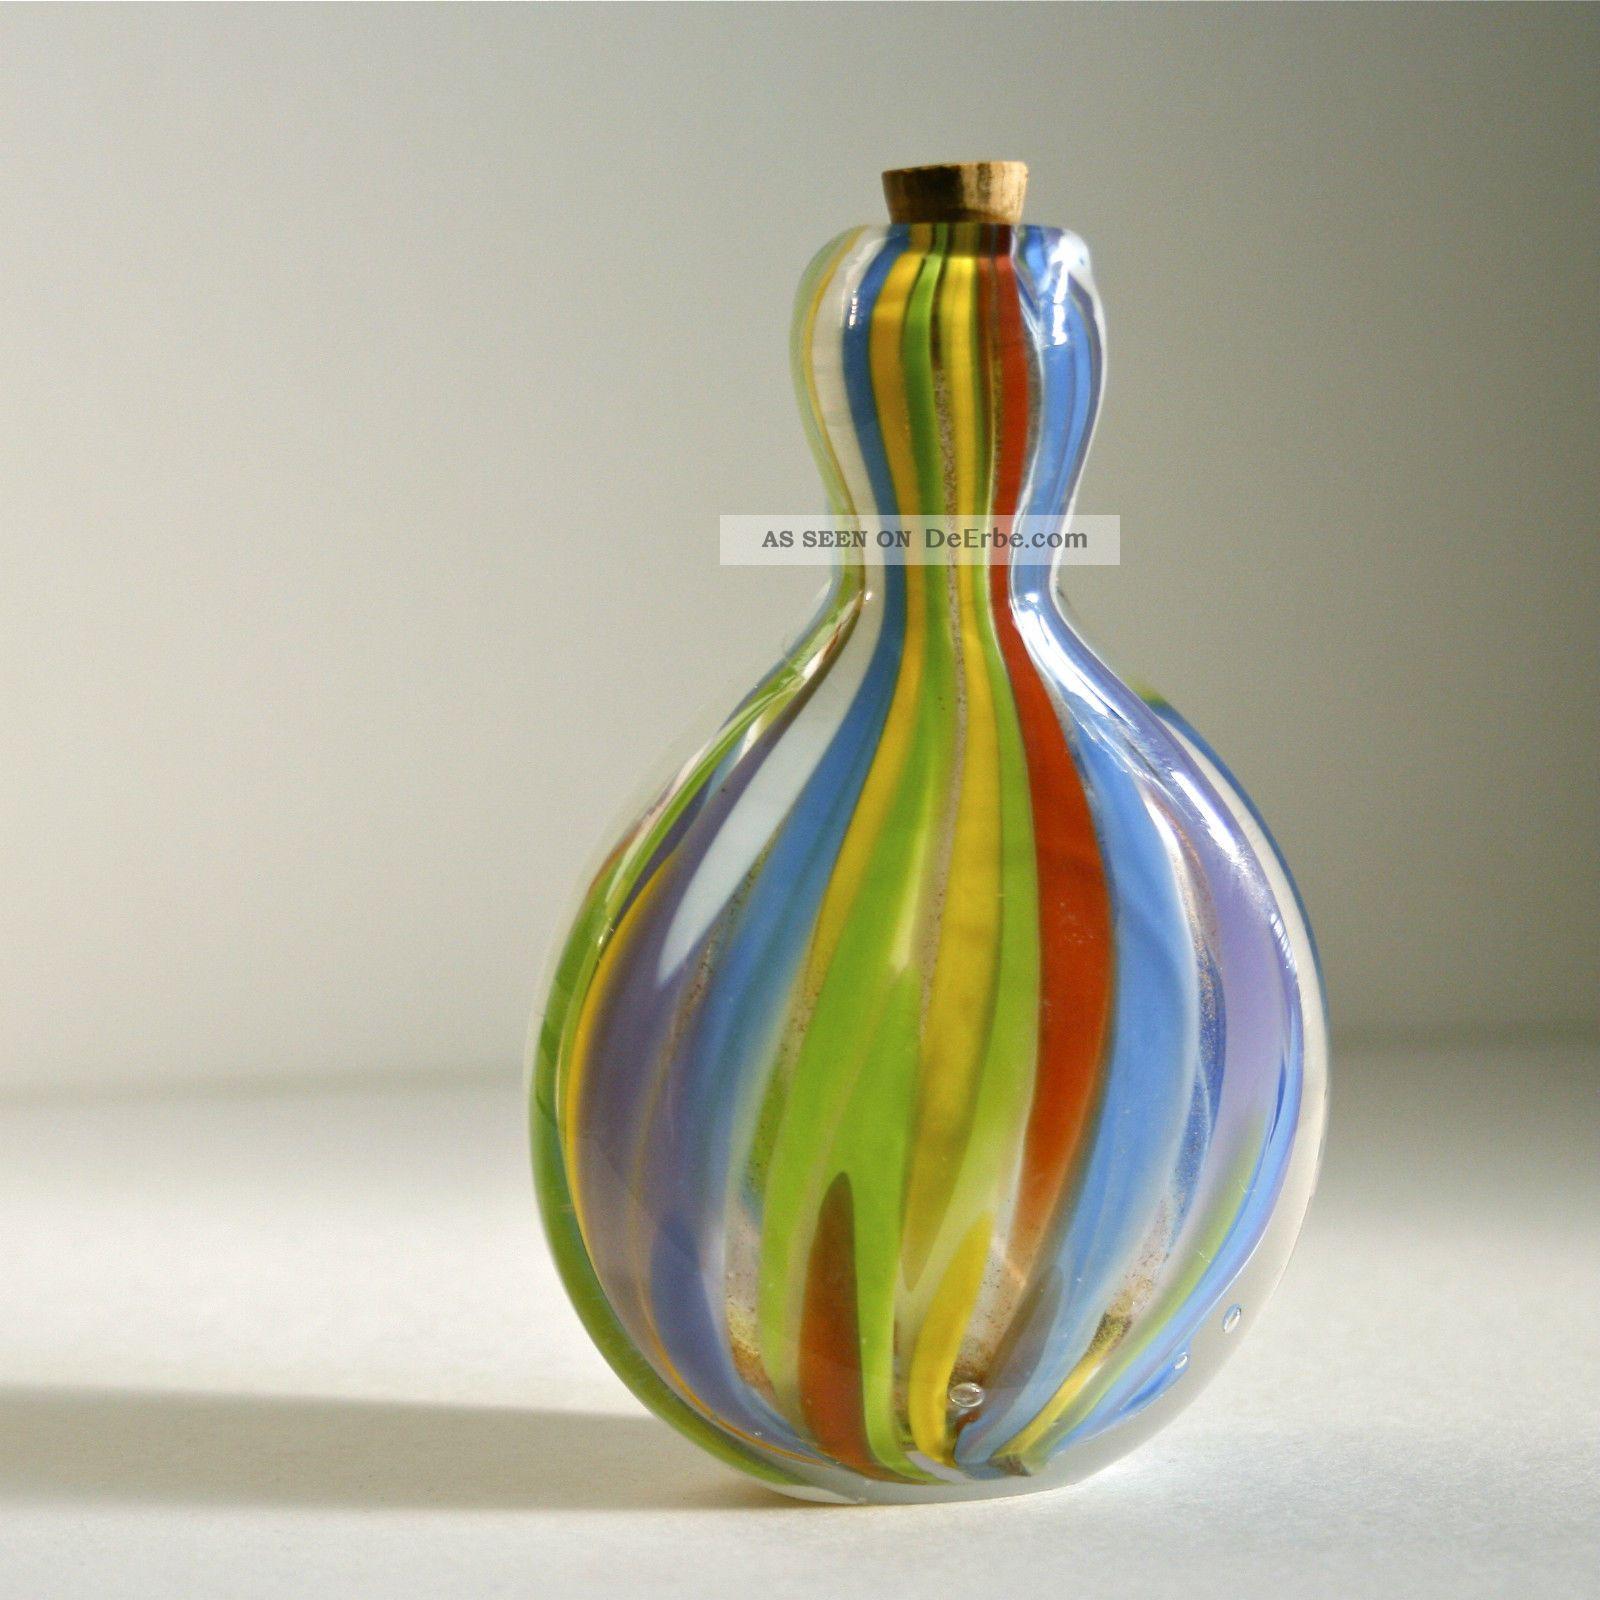 Glas Schnupftabakflasche • Tabakdose • Snuff Bottle • 19 Jh • Biedermeier Antike Originale vor 1945 Bild